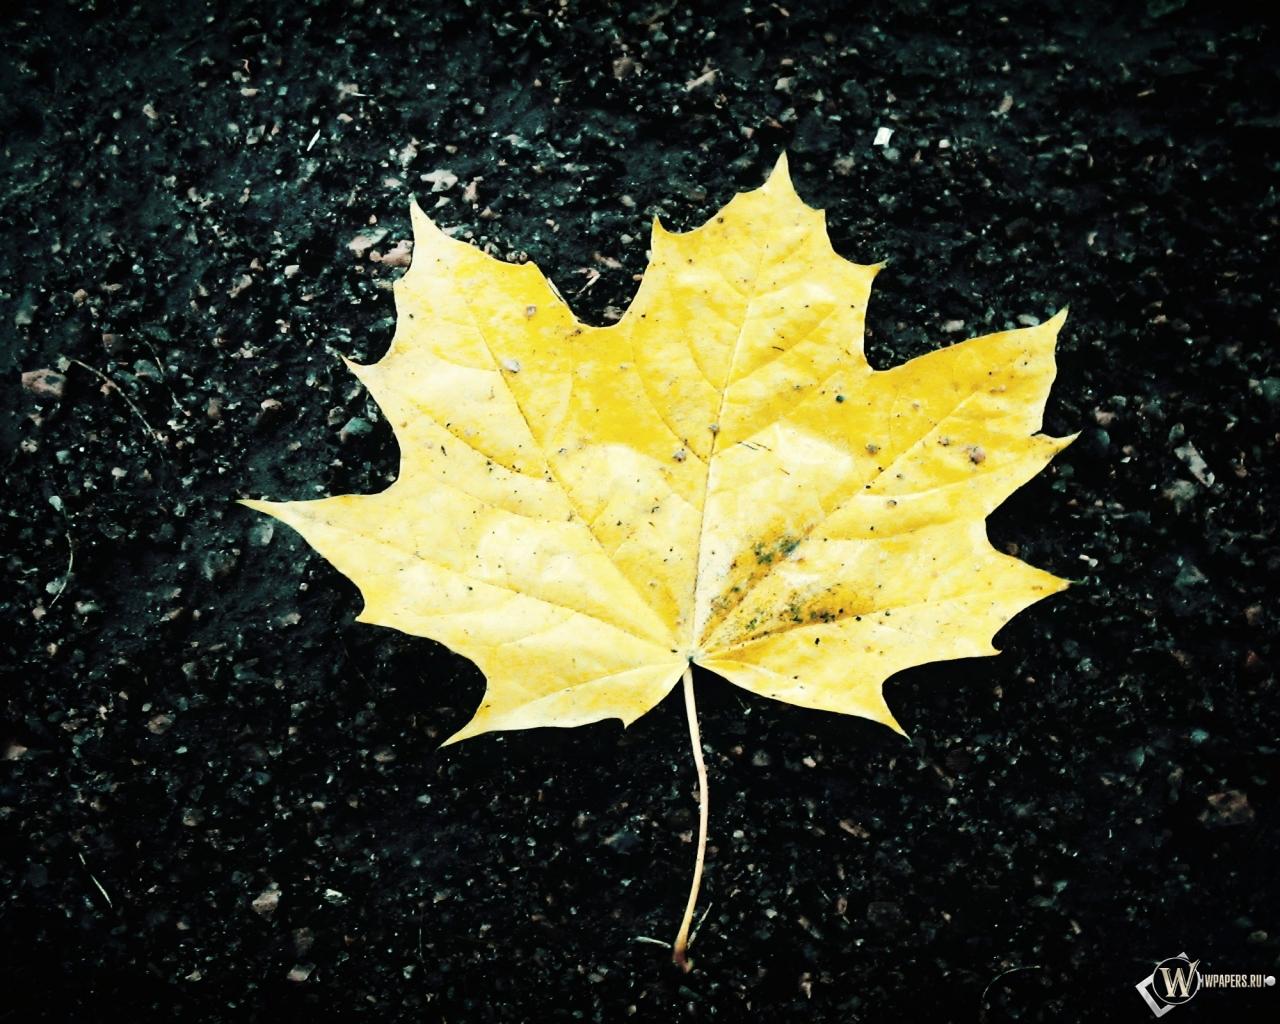 Жёлтый кленовый лист 1280x1024